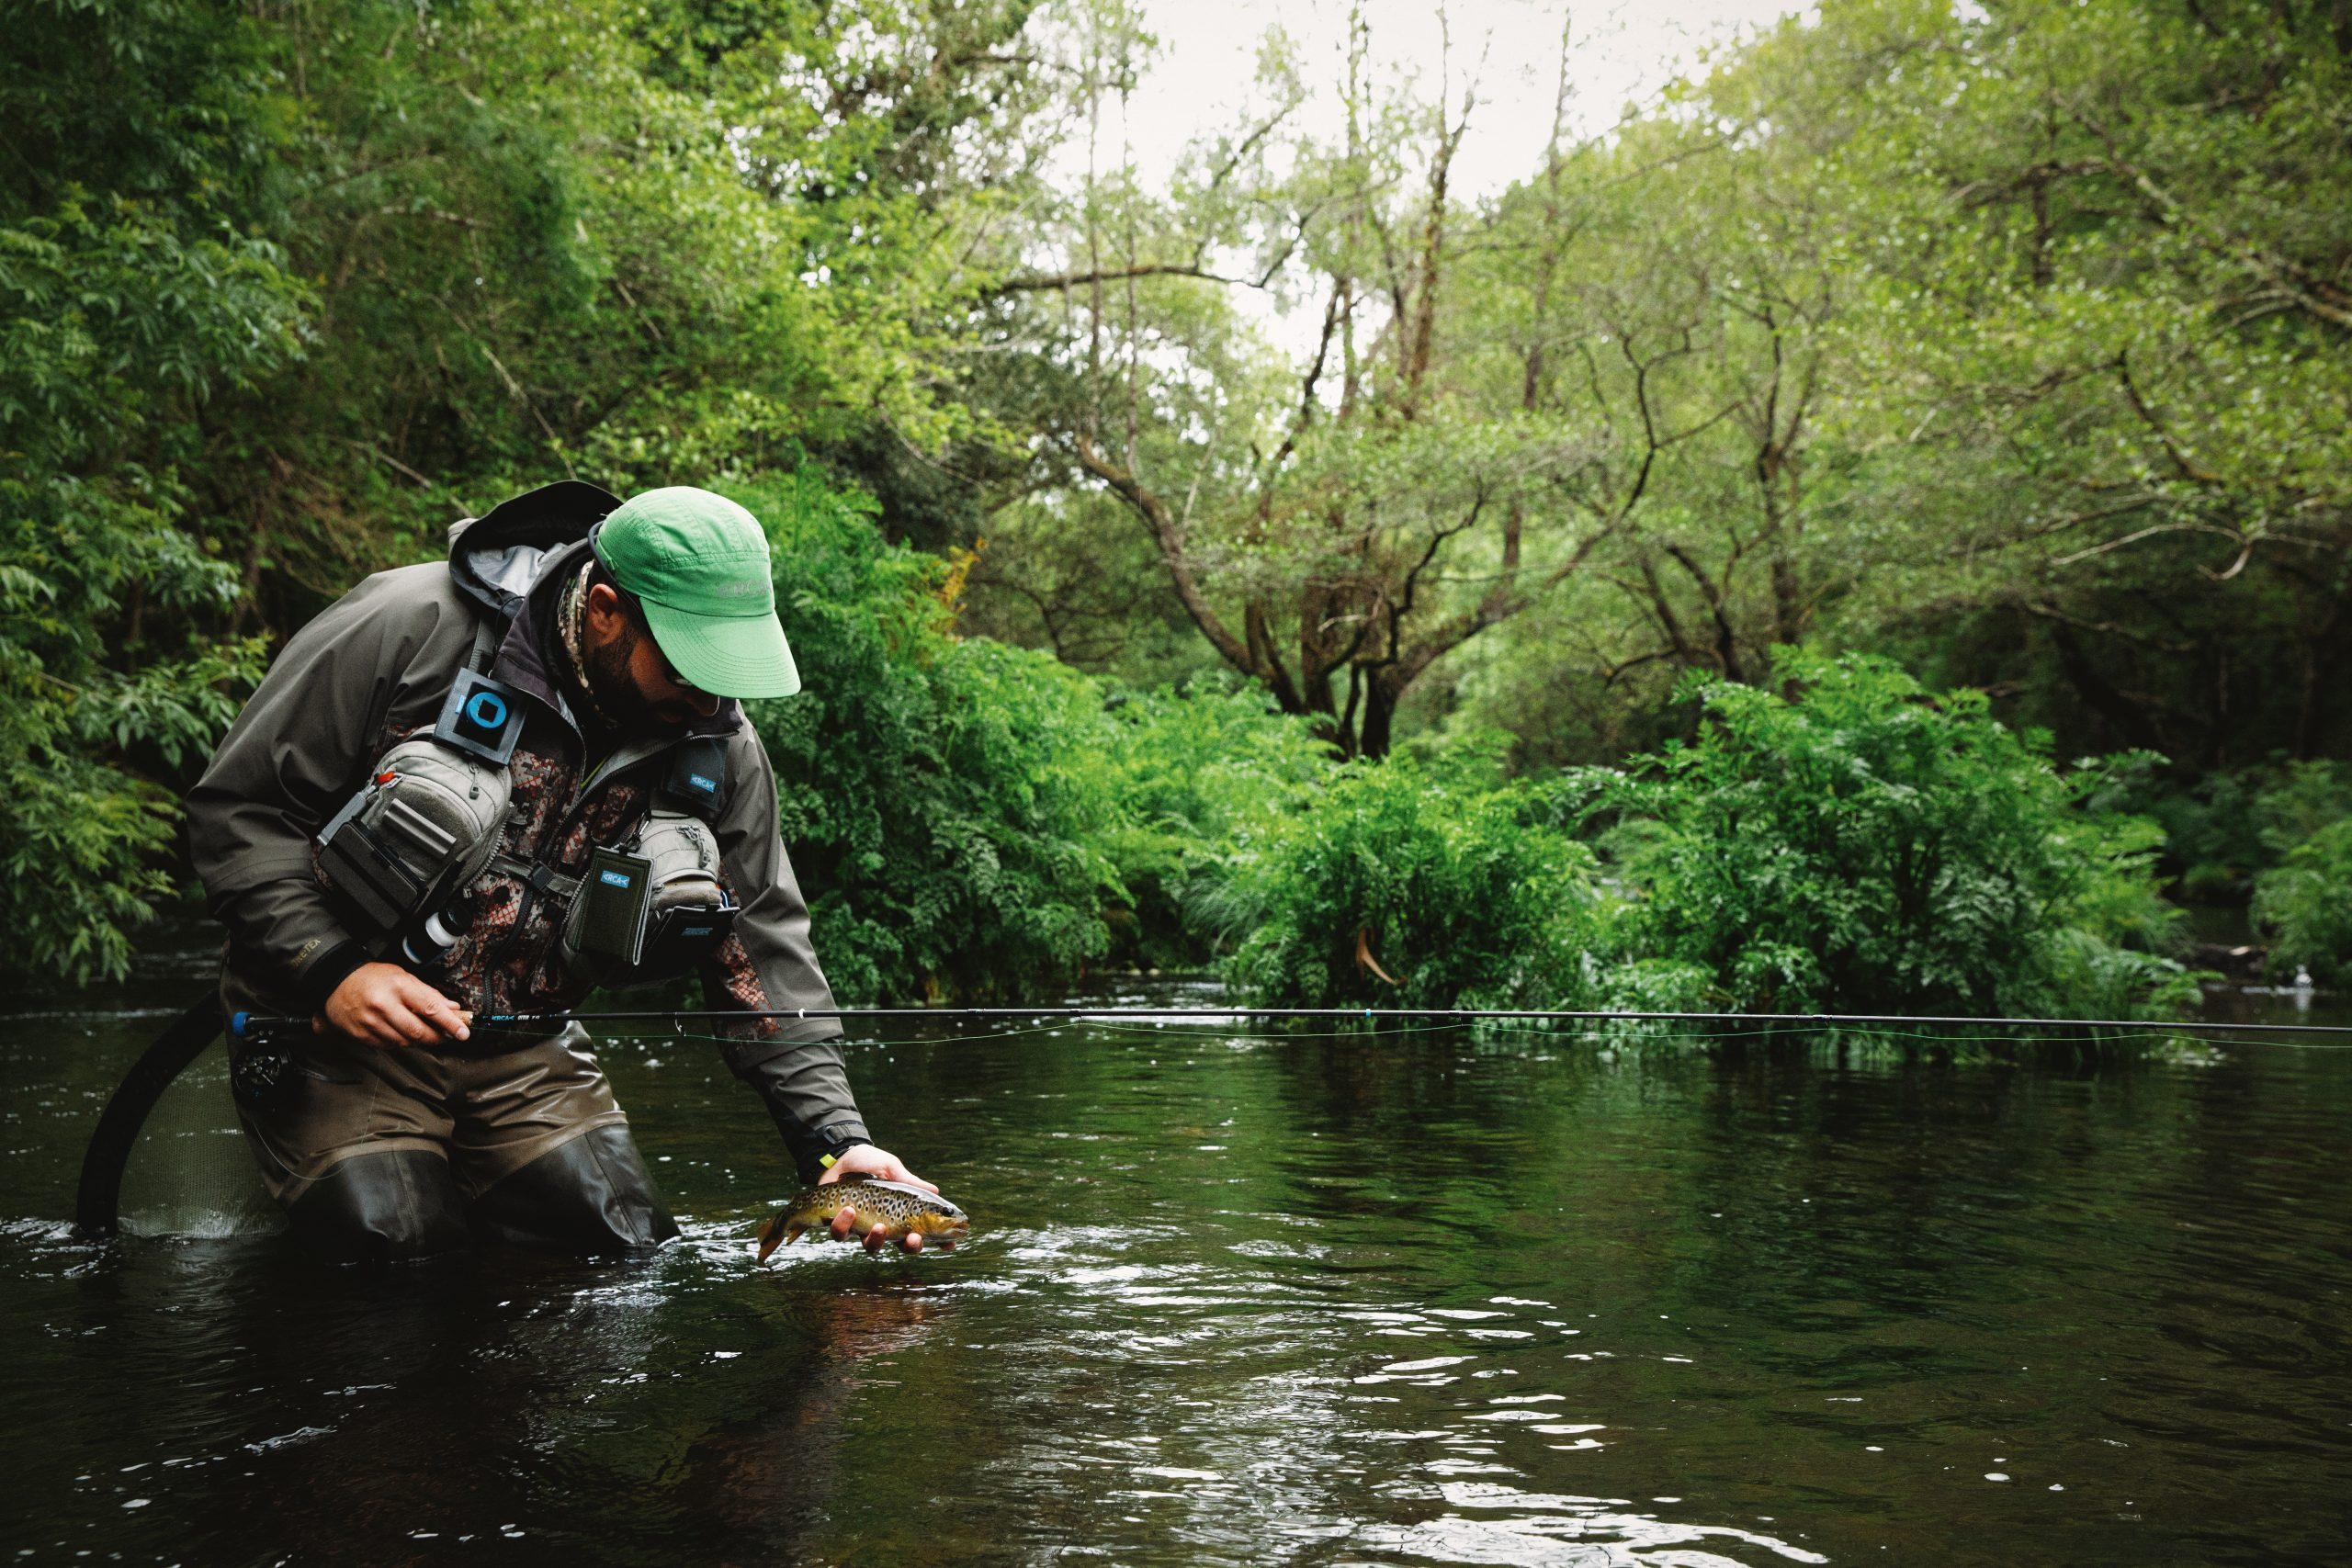 Un pescador libera una trucha en un río de España - una actividad al aire libre que reconecta a miles de españoles con el rico patrimonio natural español, a la vez que promueve valores para su conservación (Autor: David Arcay)